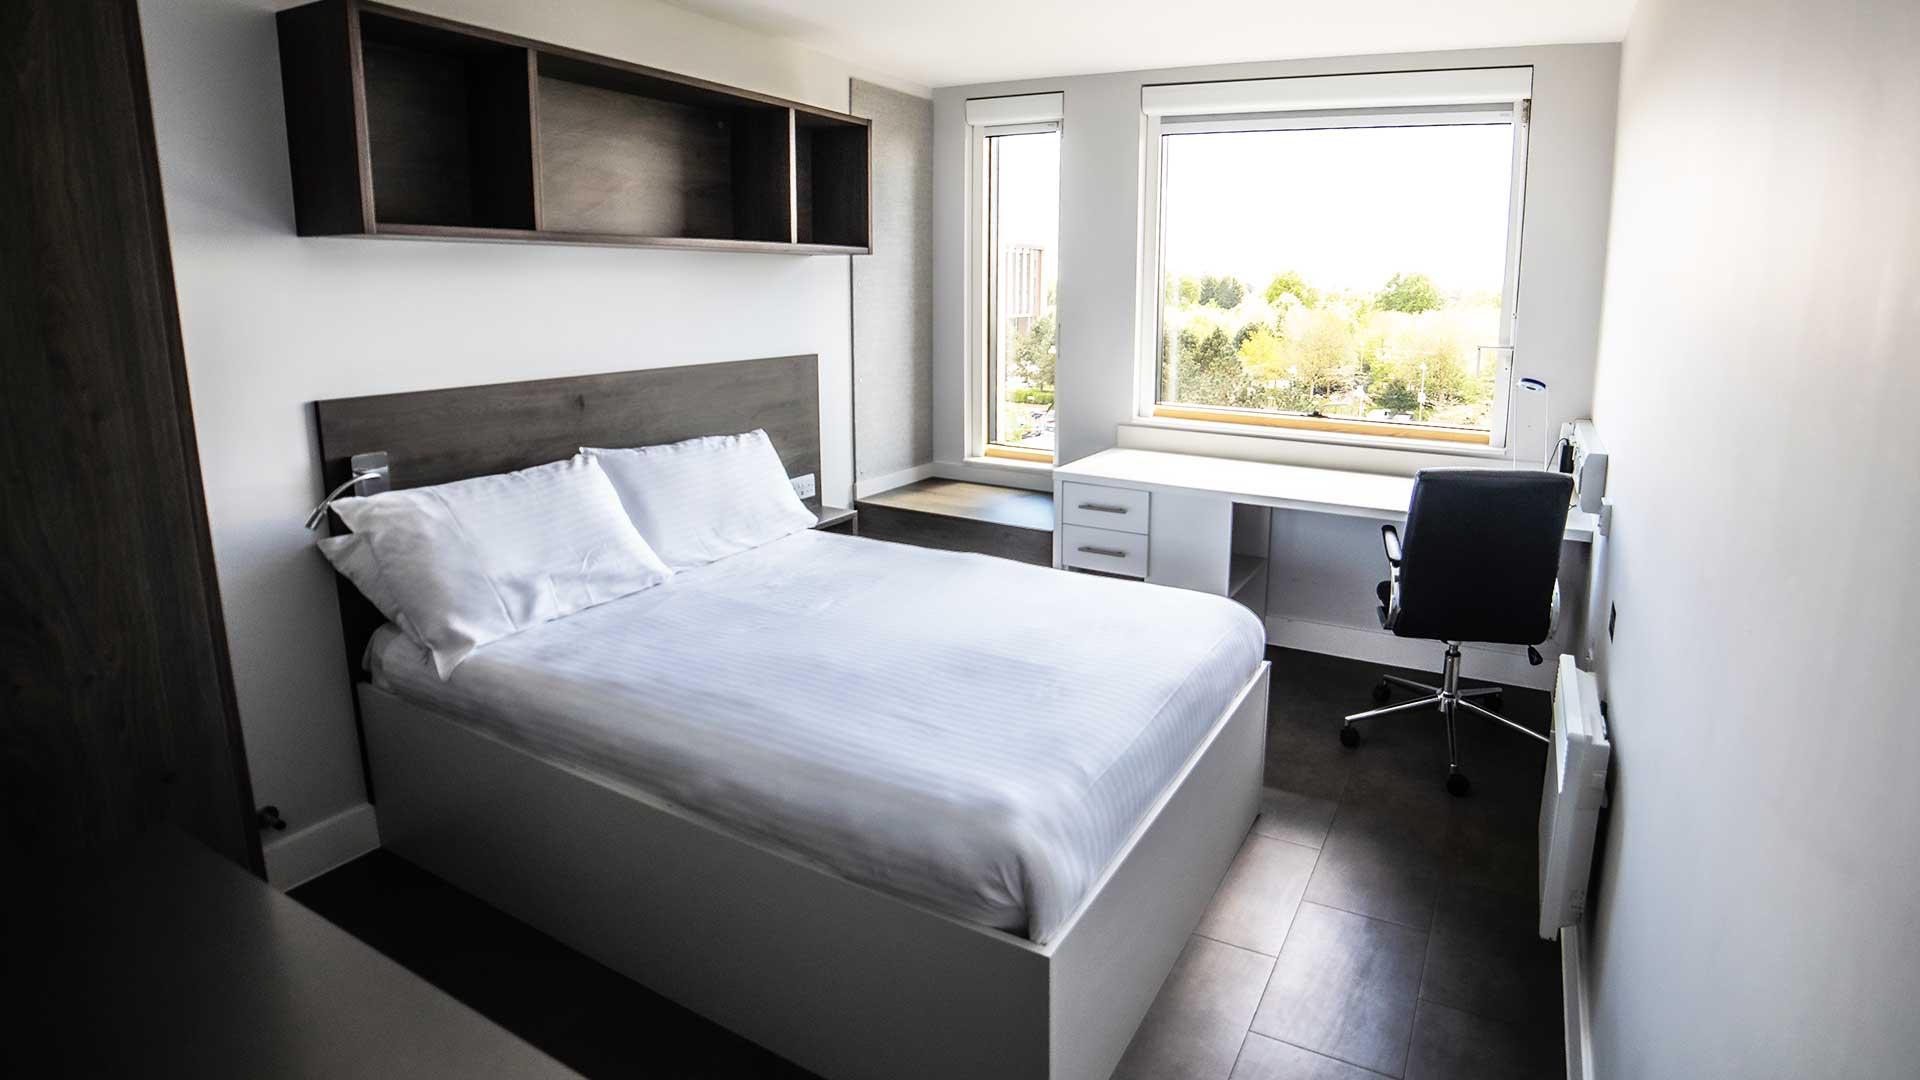 Bedroom in Polden.